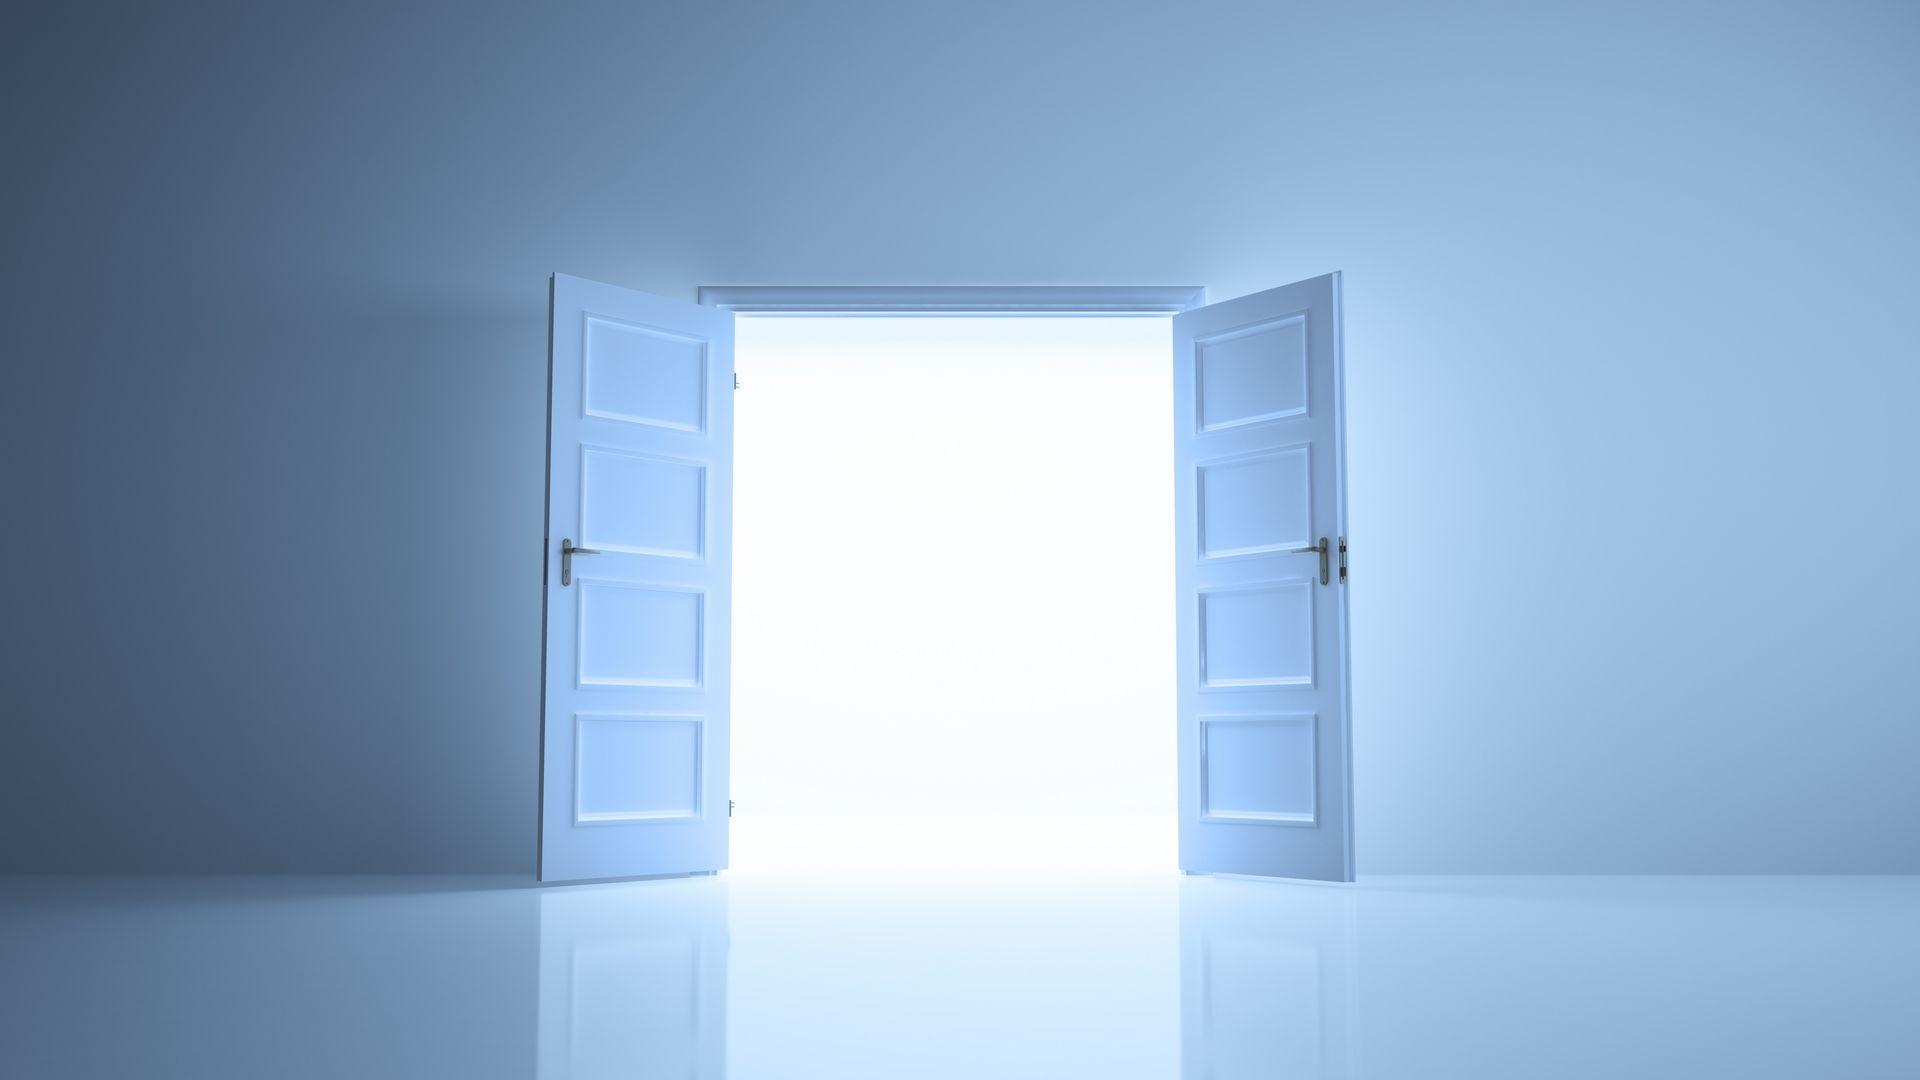 God S Open Doors Huge Door Doors Wall Hd